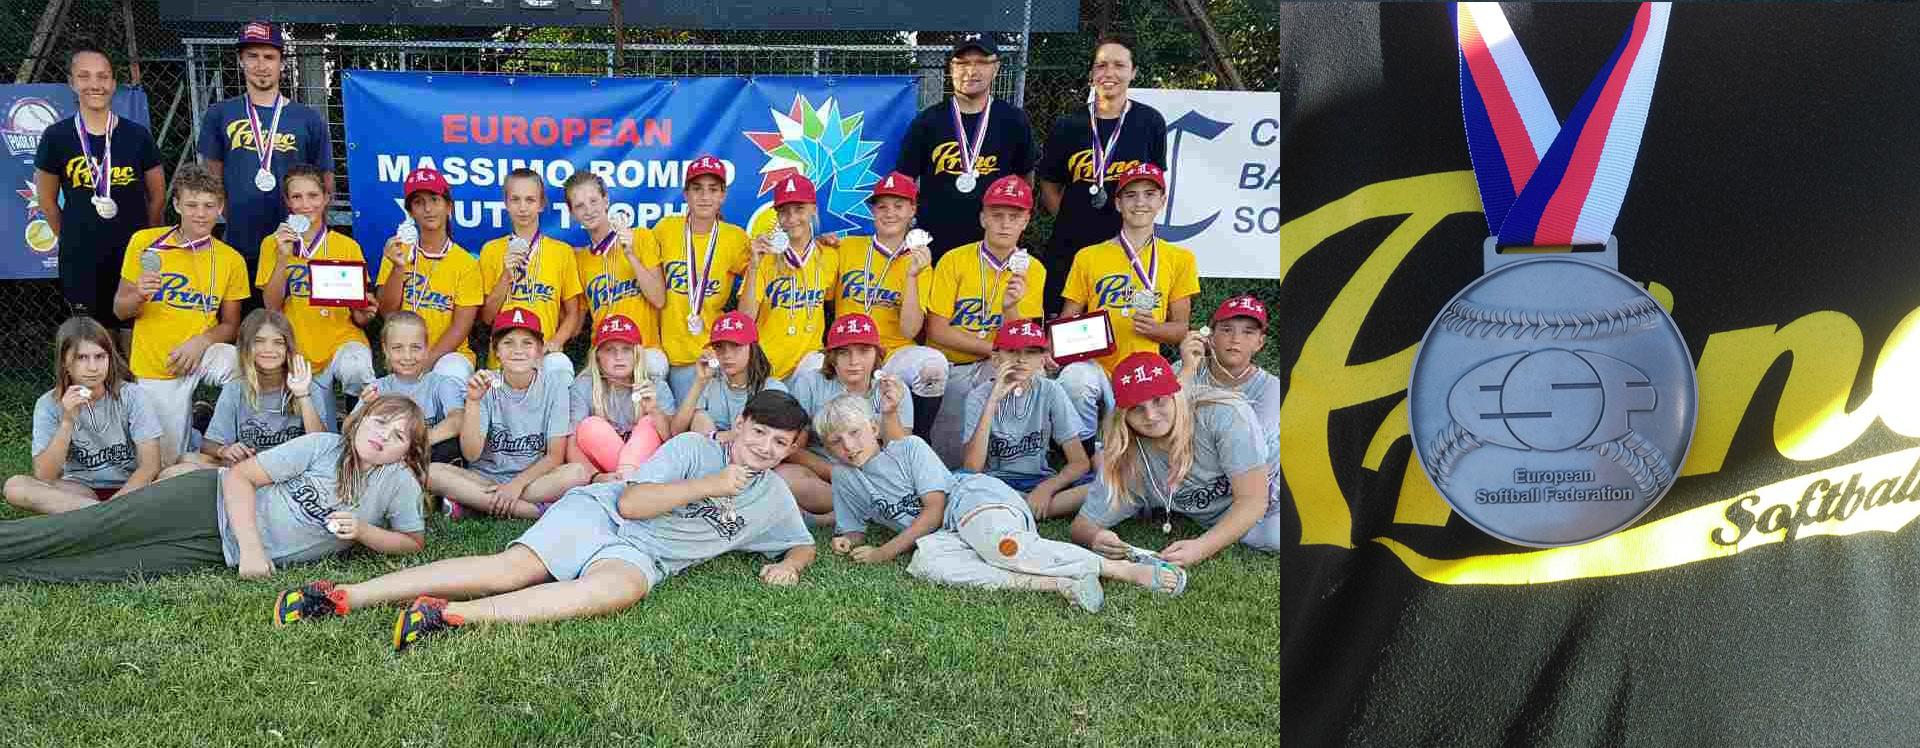 SREBRO-EMRYTslider-pozadina-softball-klub-princ-prvaci